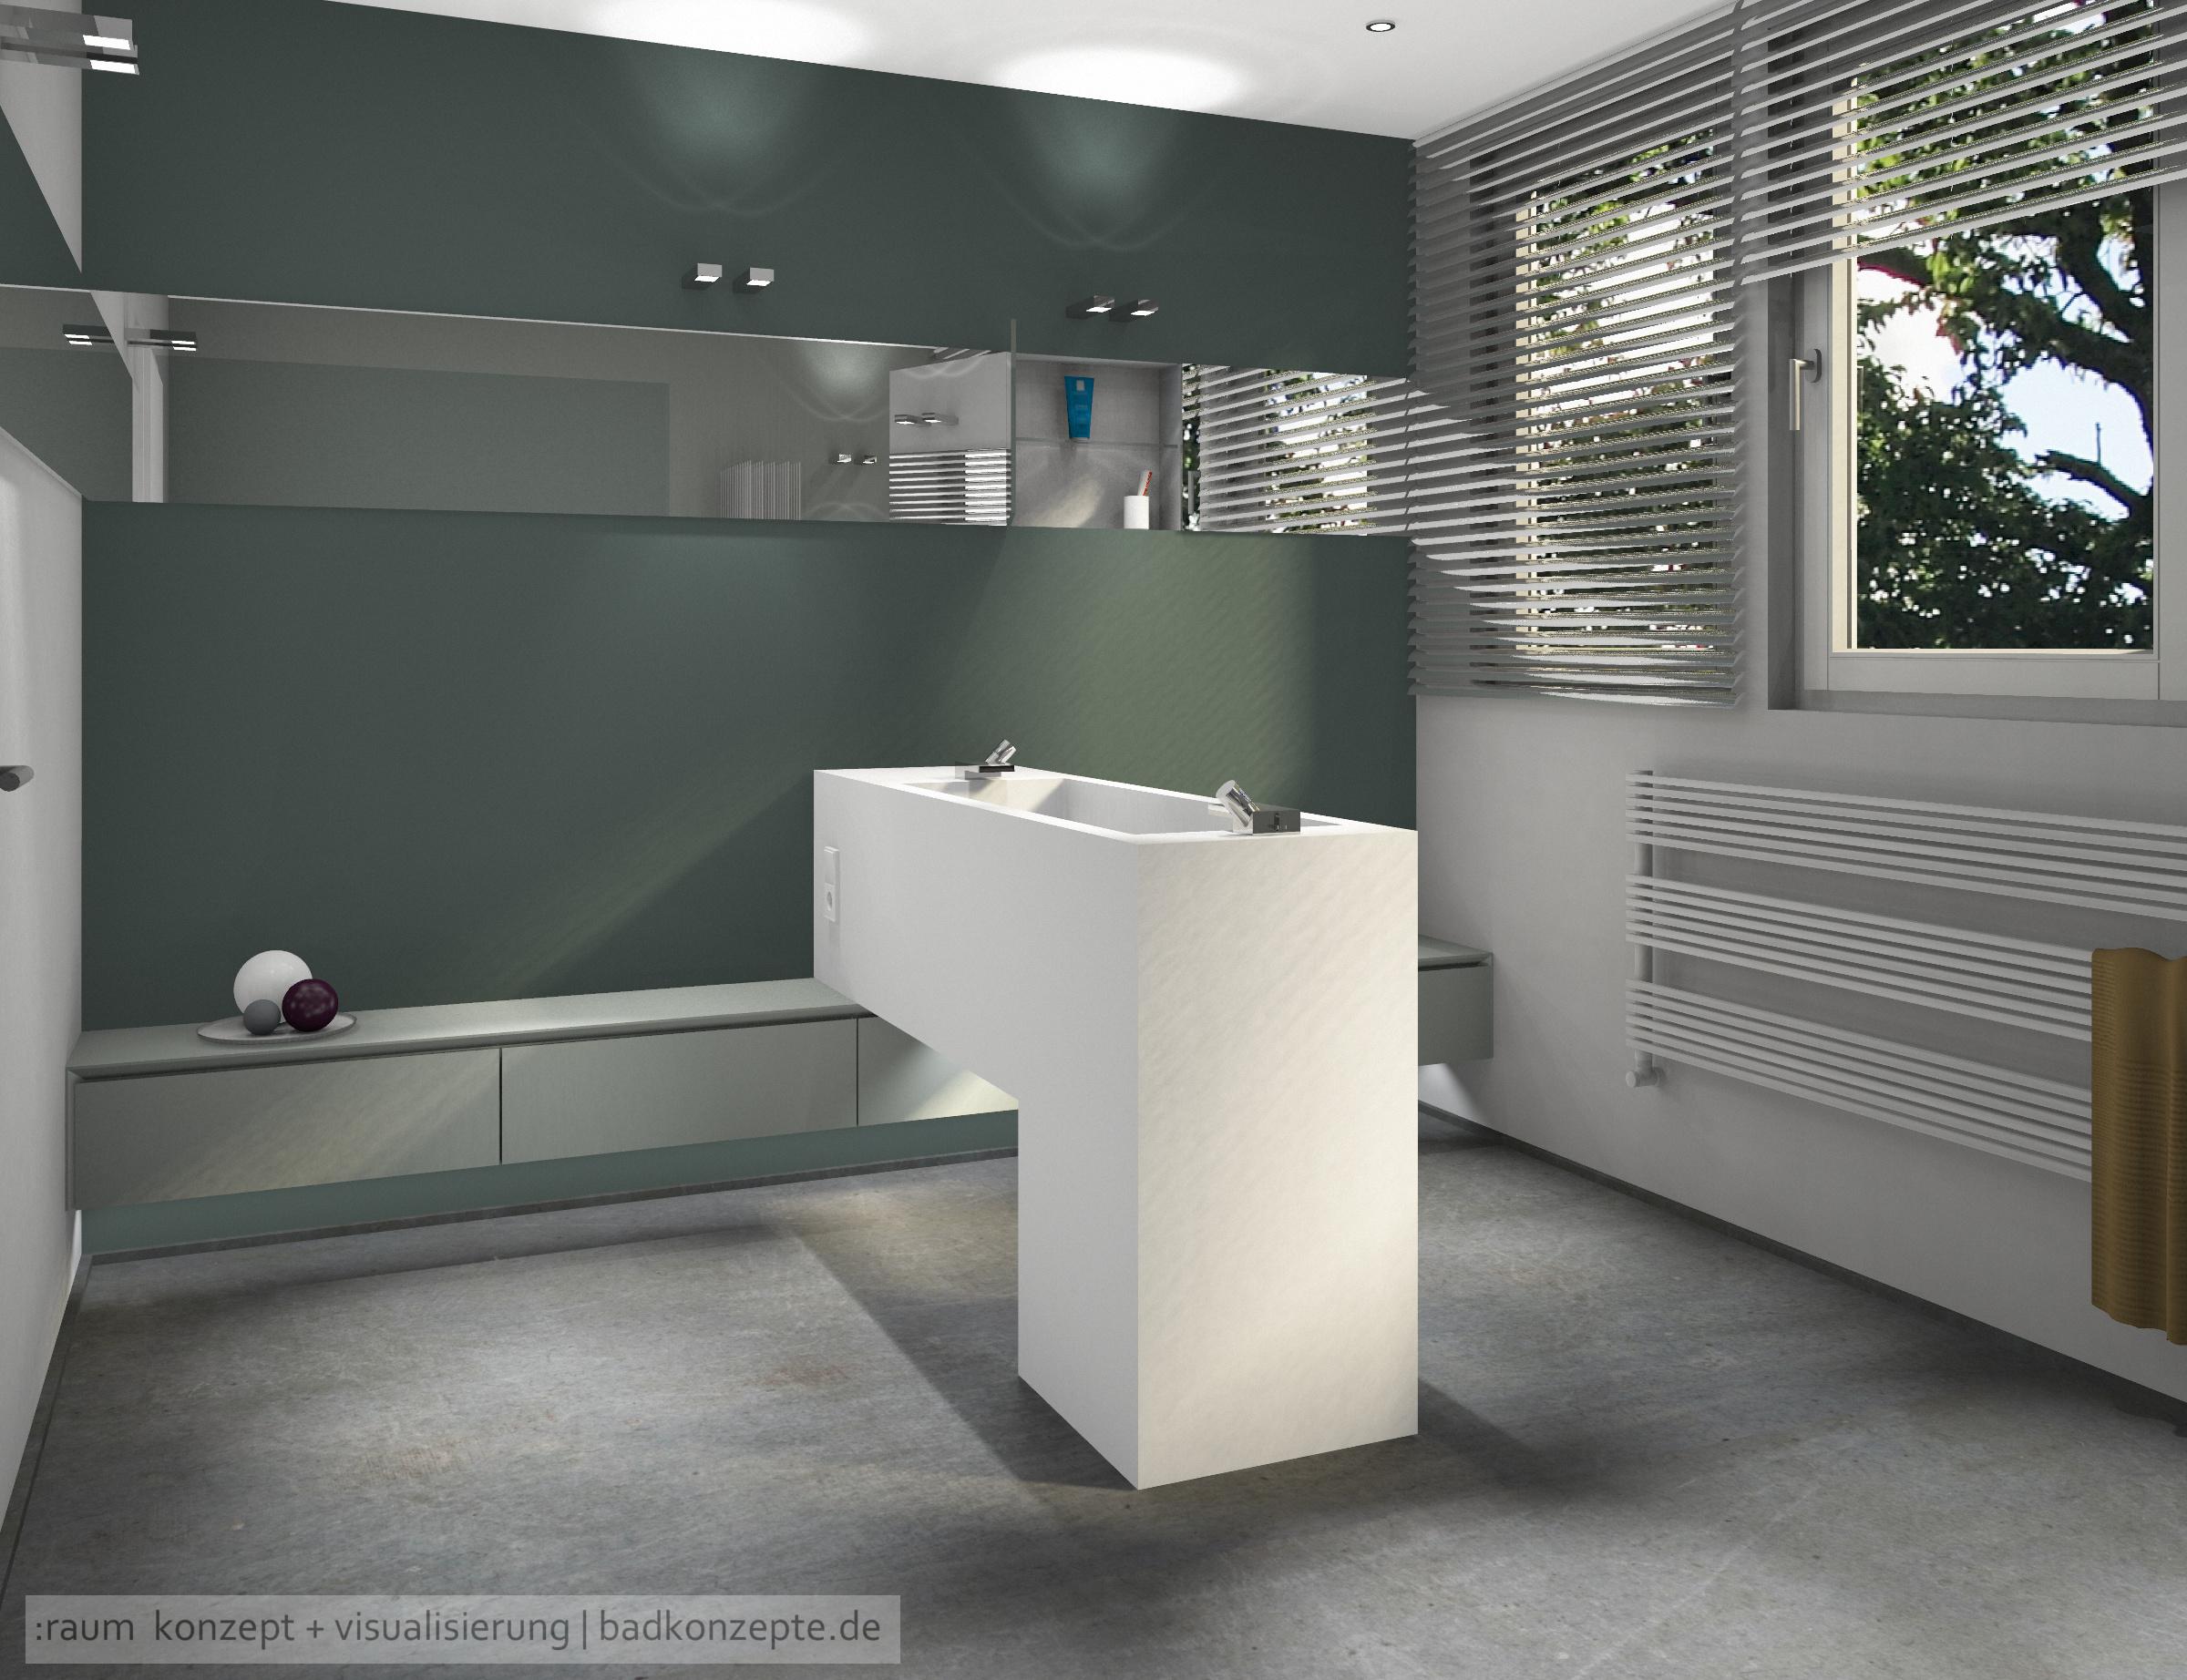 Waschplatz für zwei